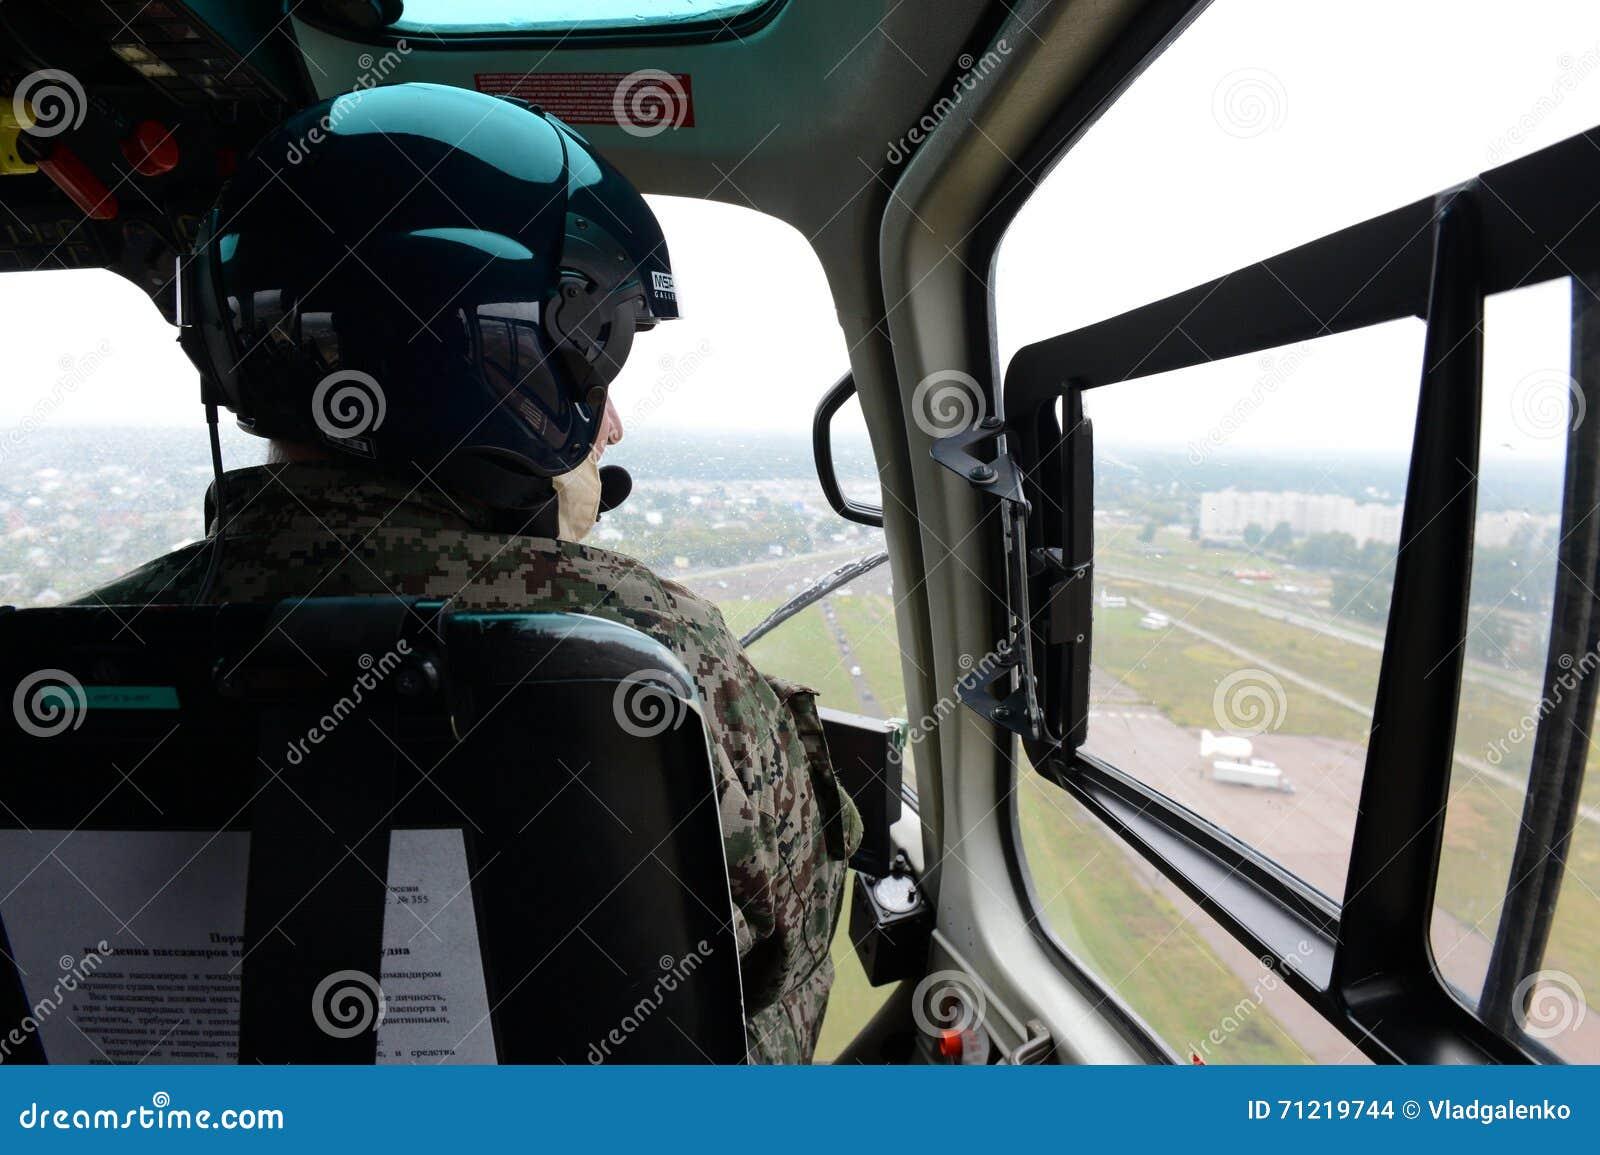 Elicottero 355 : Il pilota di un elicottero di polizia eurocopter come nel